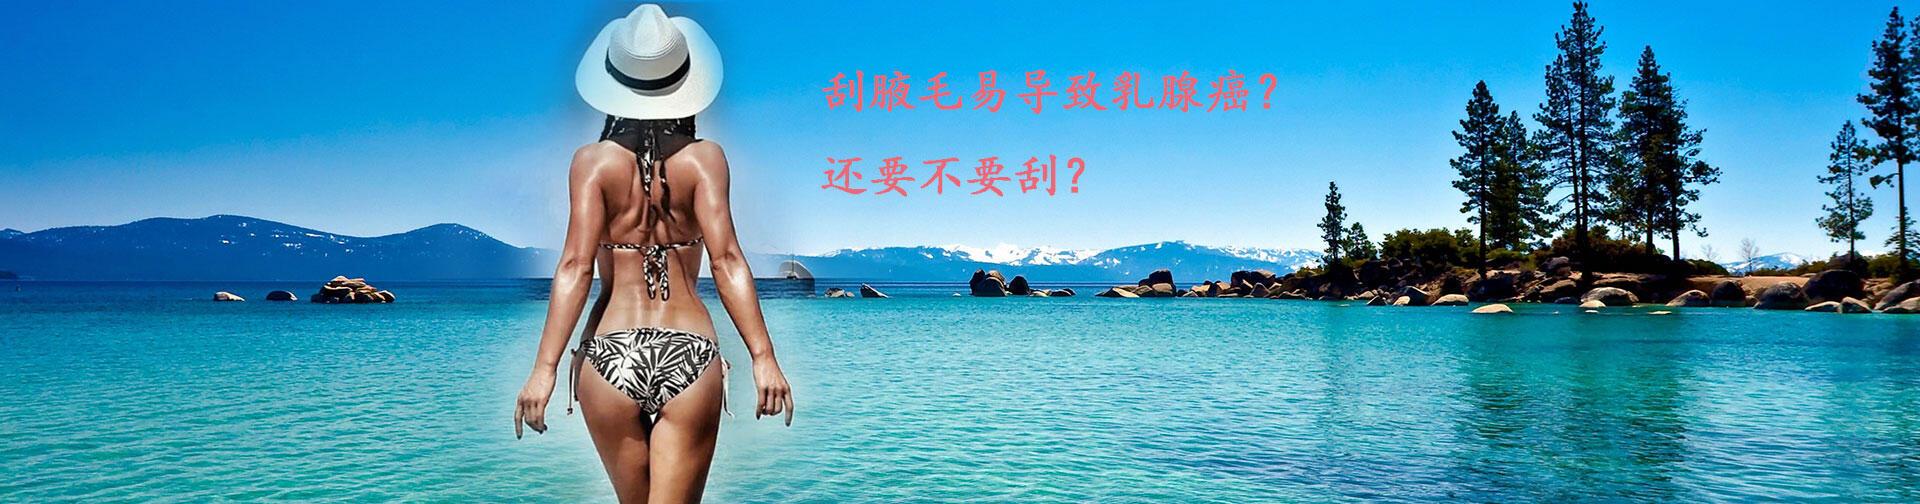 刮腋毛易导致乳腺癌?还要不要刮?